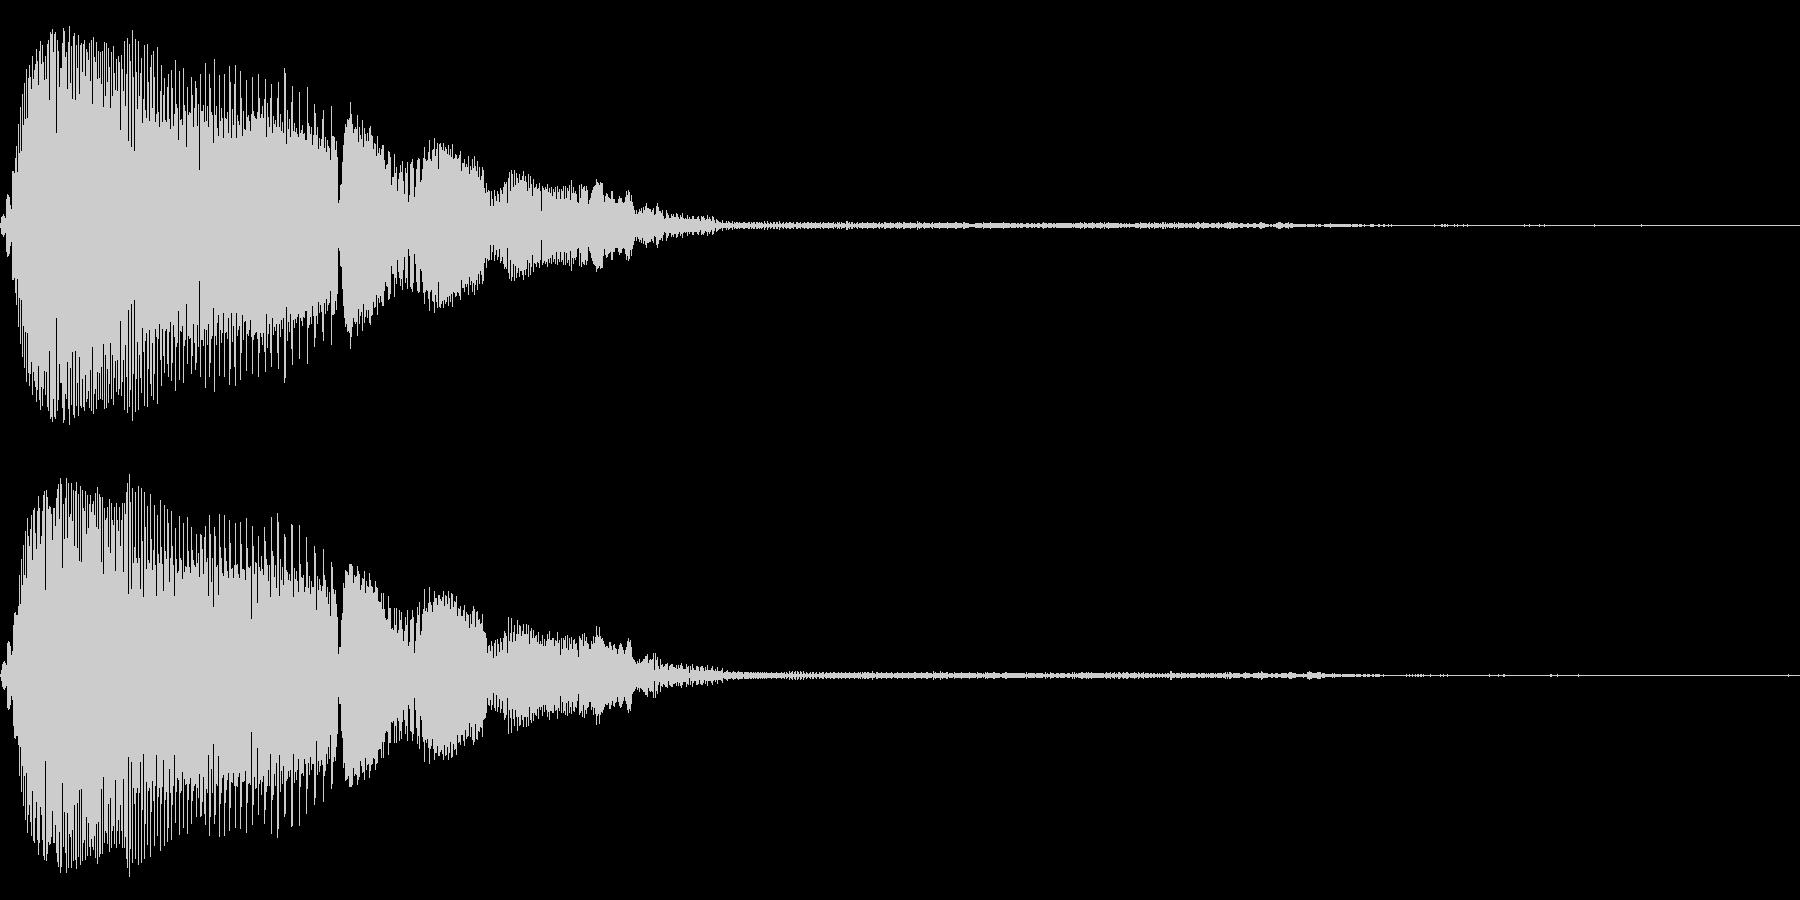 汎用的なシステム音(ステレオバージョン)の未再生の波形